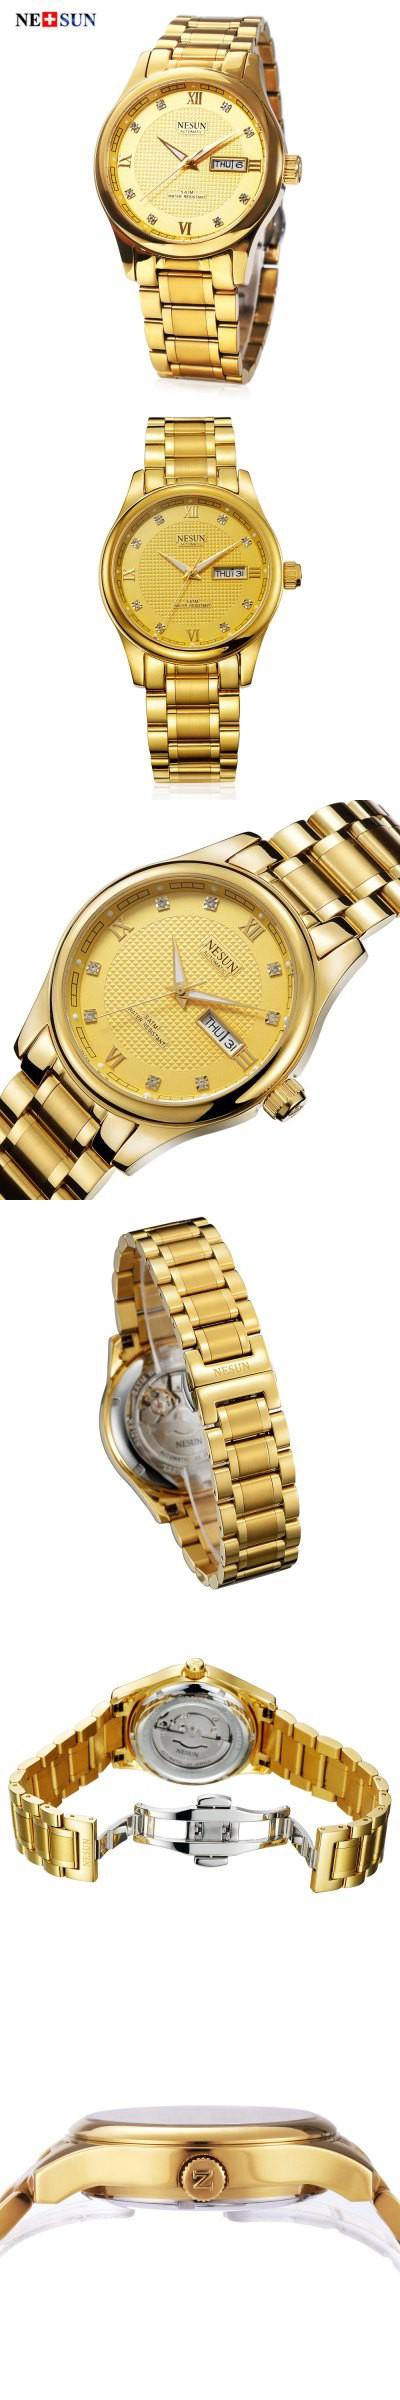 NESUN MS9121 Male Automatic Mechanical Watch